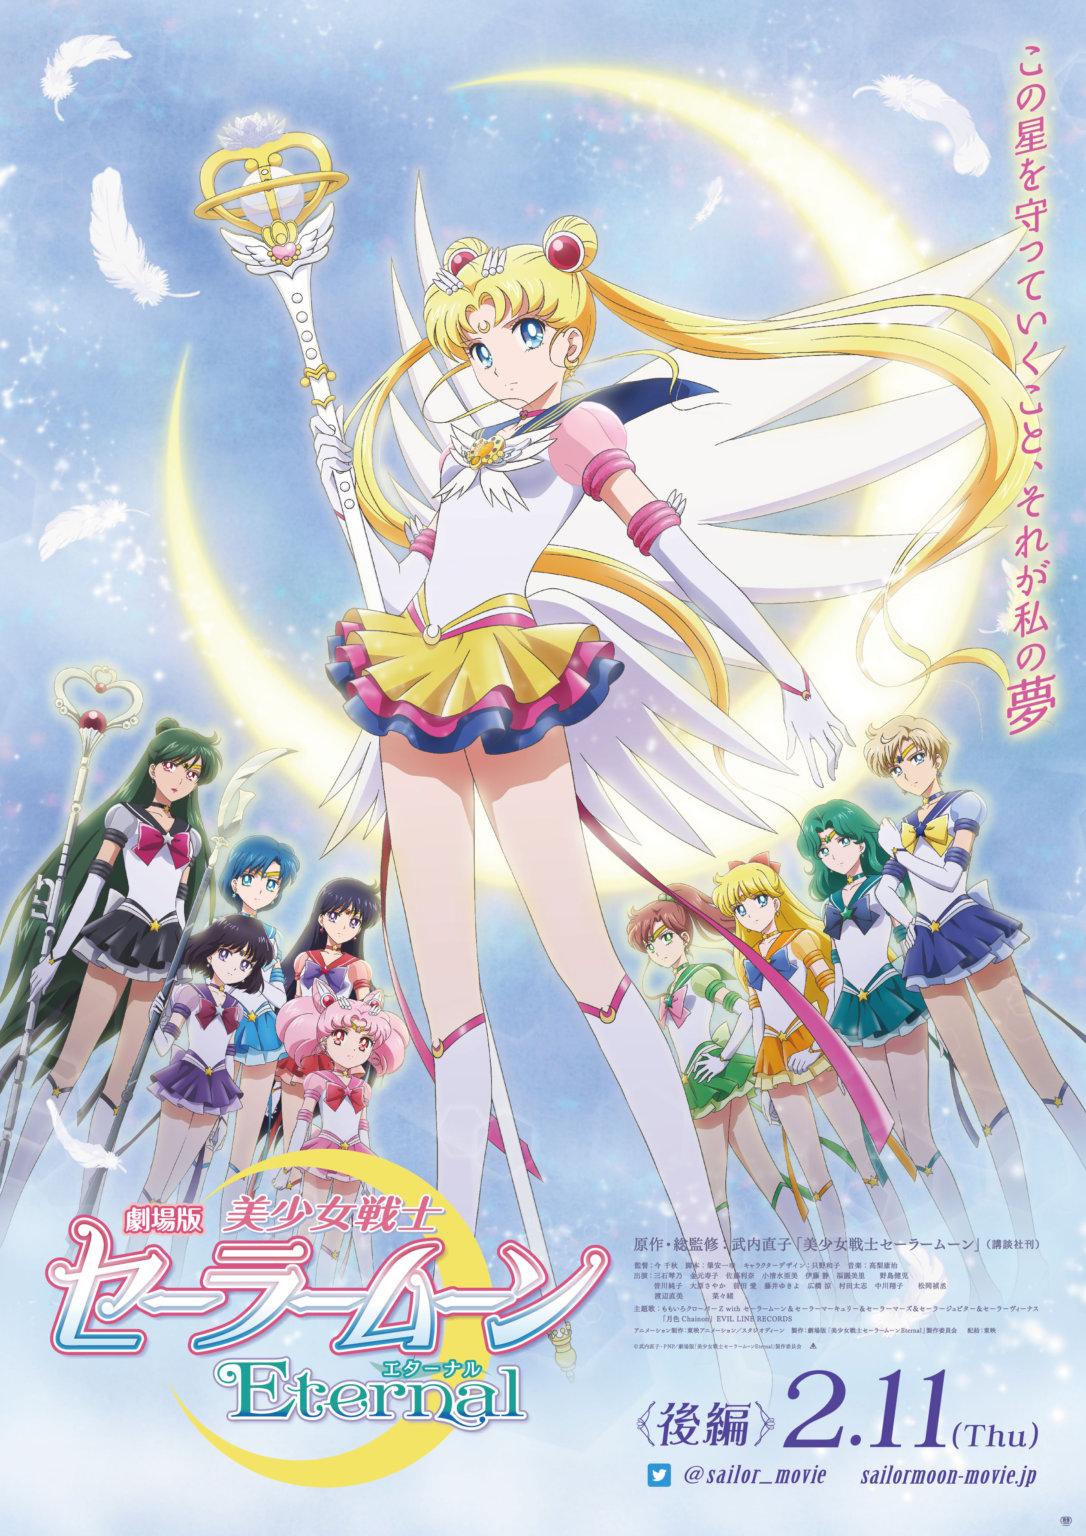 foto: materiały prasowe sailormoon-movie.jp